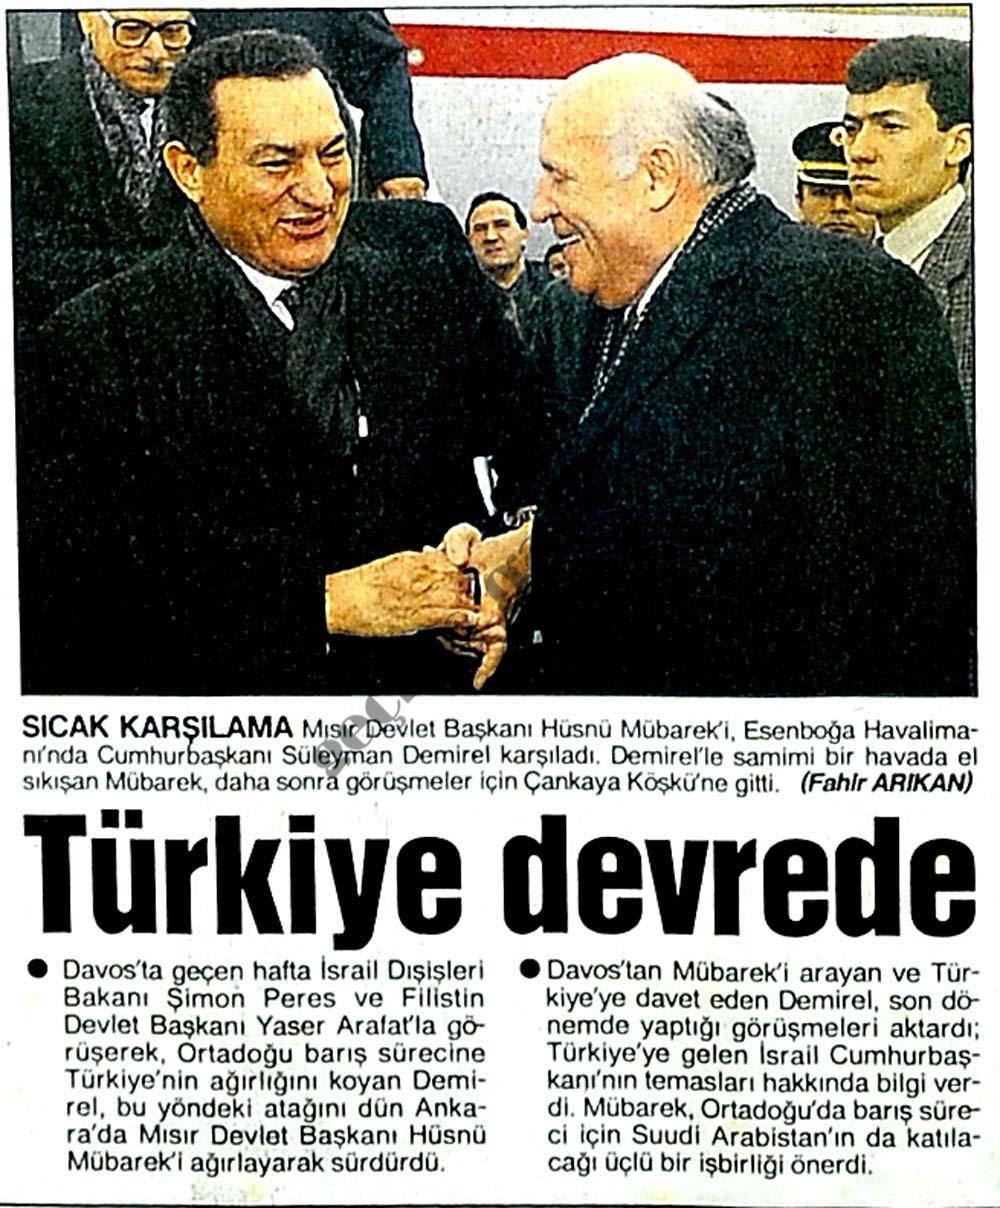 Türkiye devrede